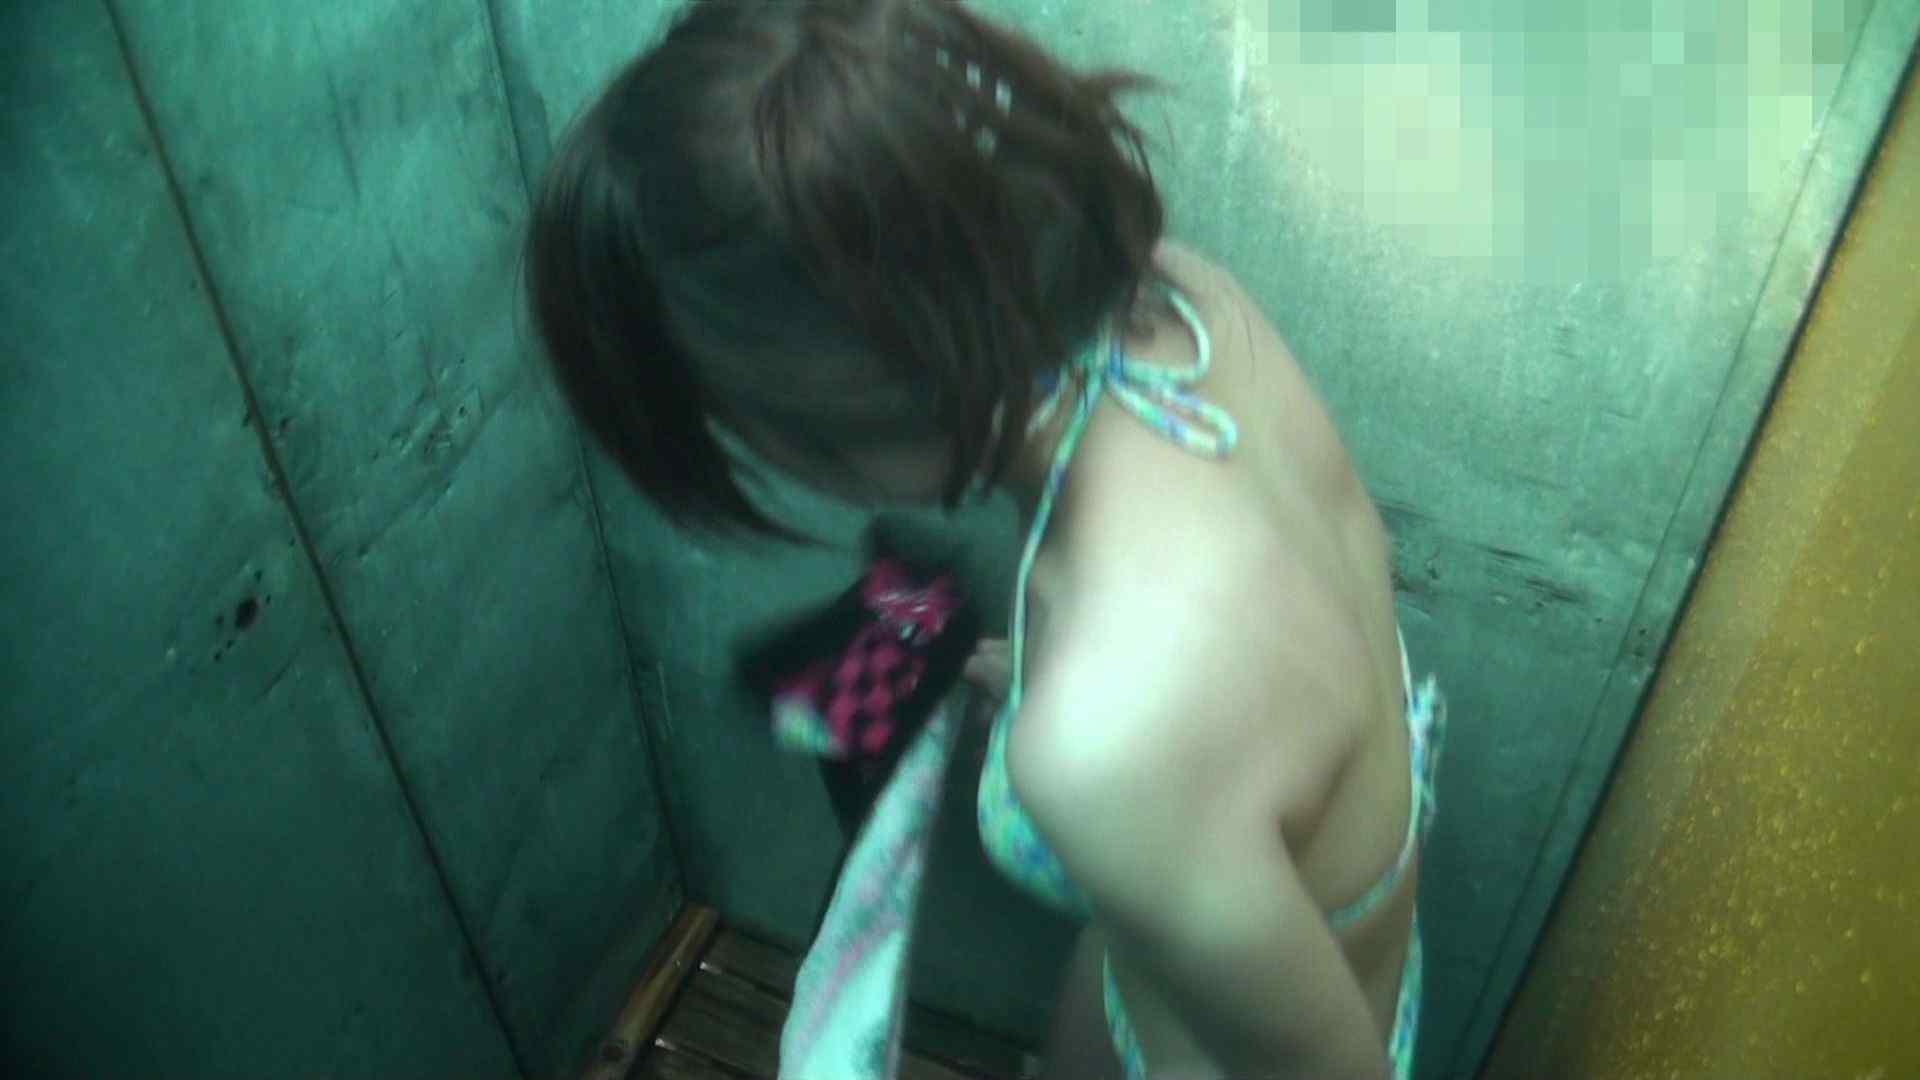 シャワールームは超!!危険な香りVol.15 残念ですが乳首未確認 マンコの砂は入念に OL女体 盗撮動画紹介 48連発 12